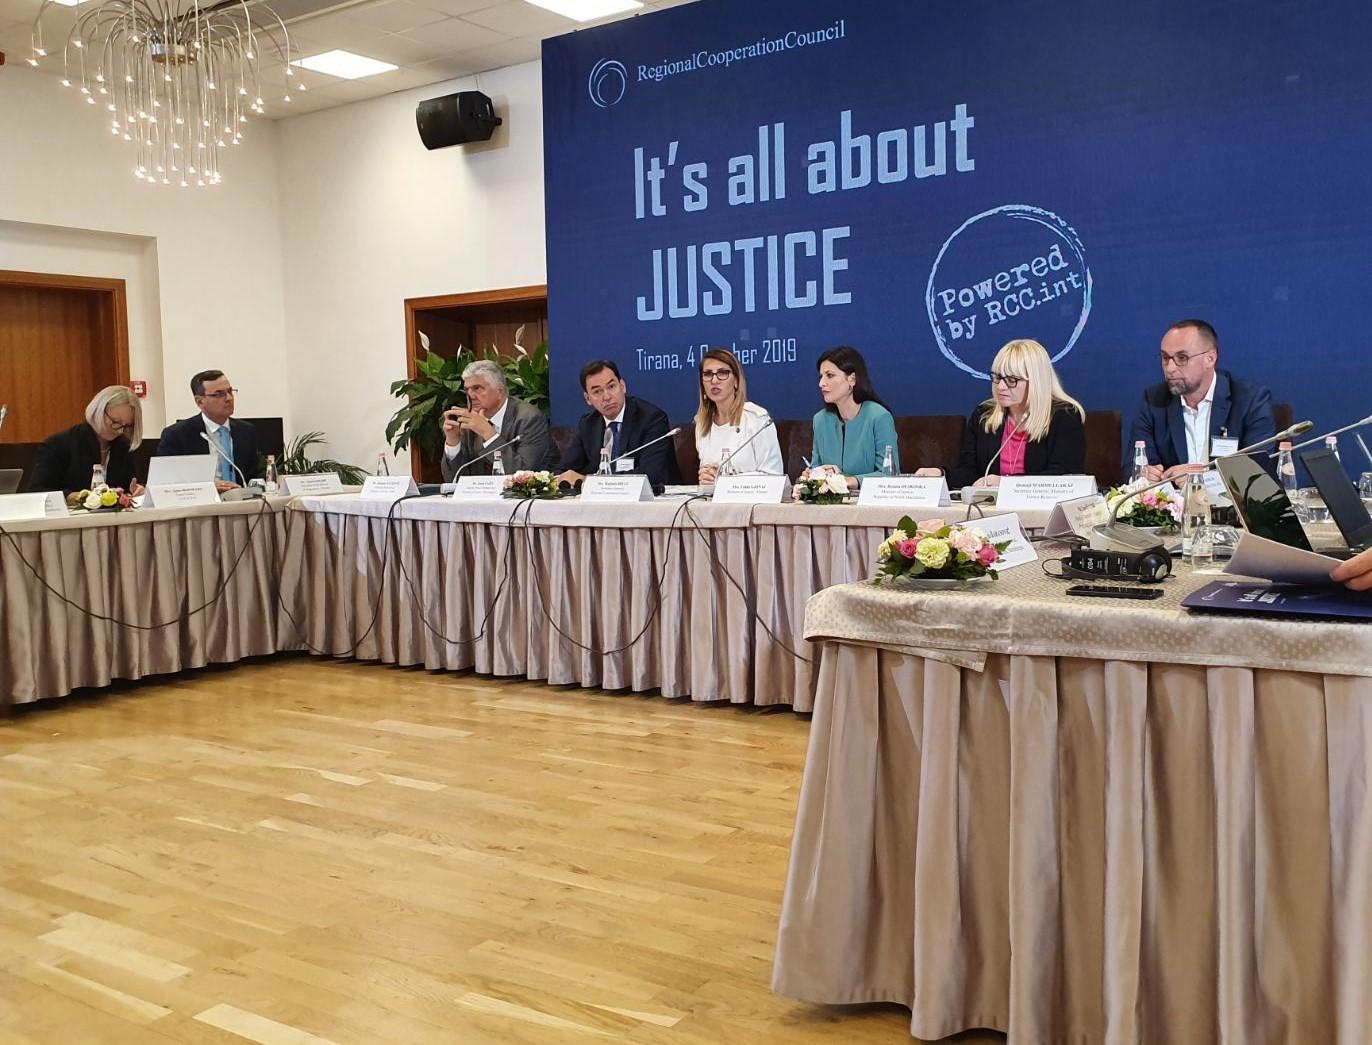 Дескоска на форум во Тирана ги презентира реформите спроведени во правосудството